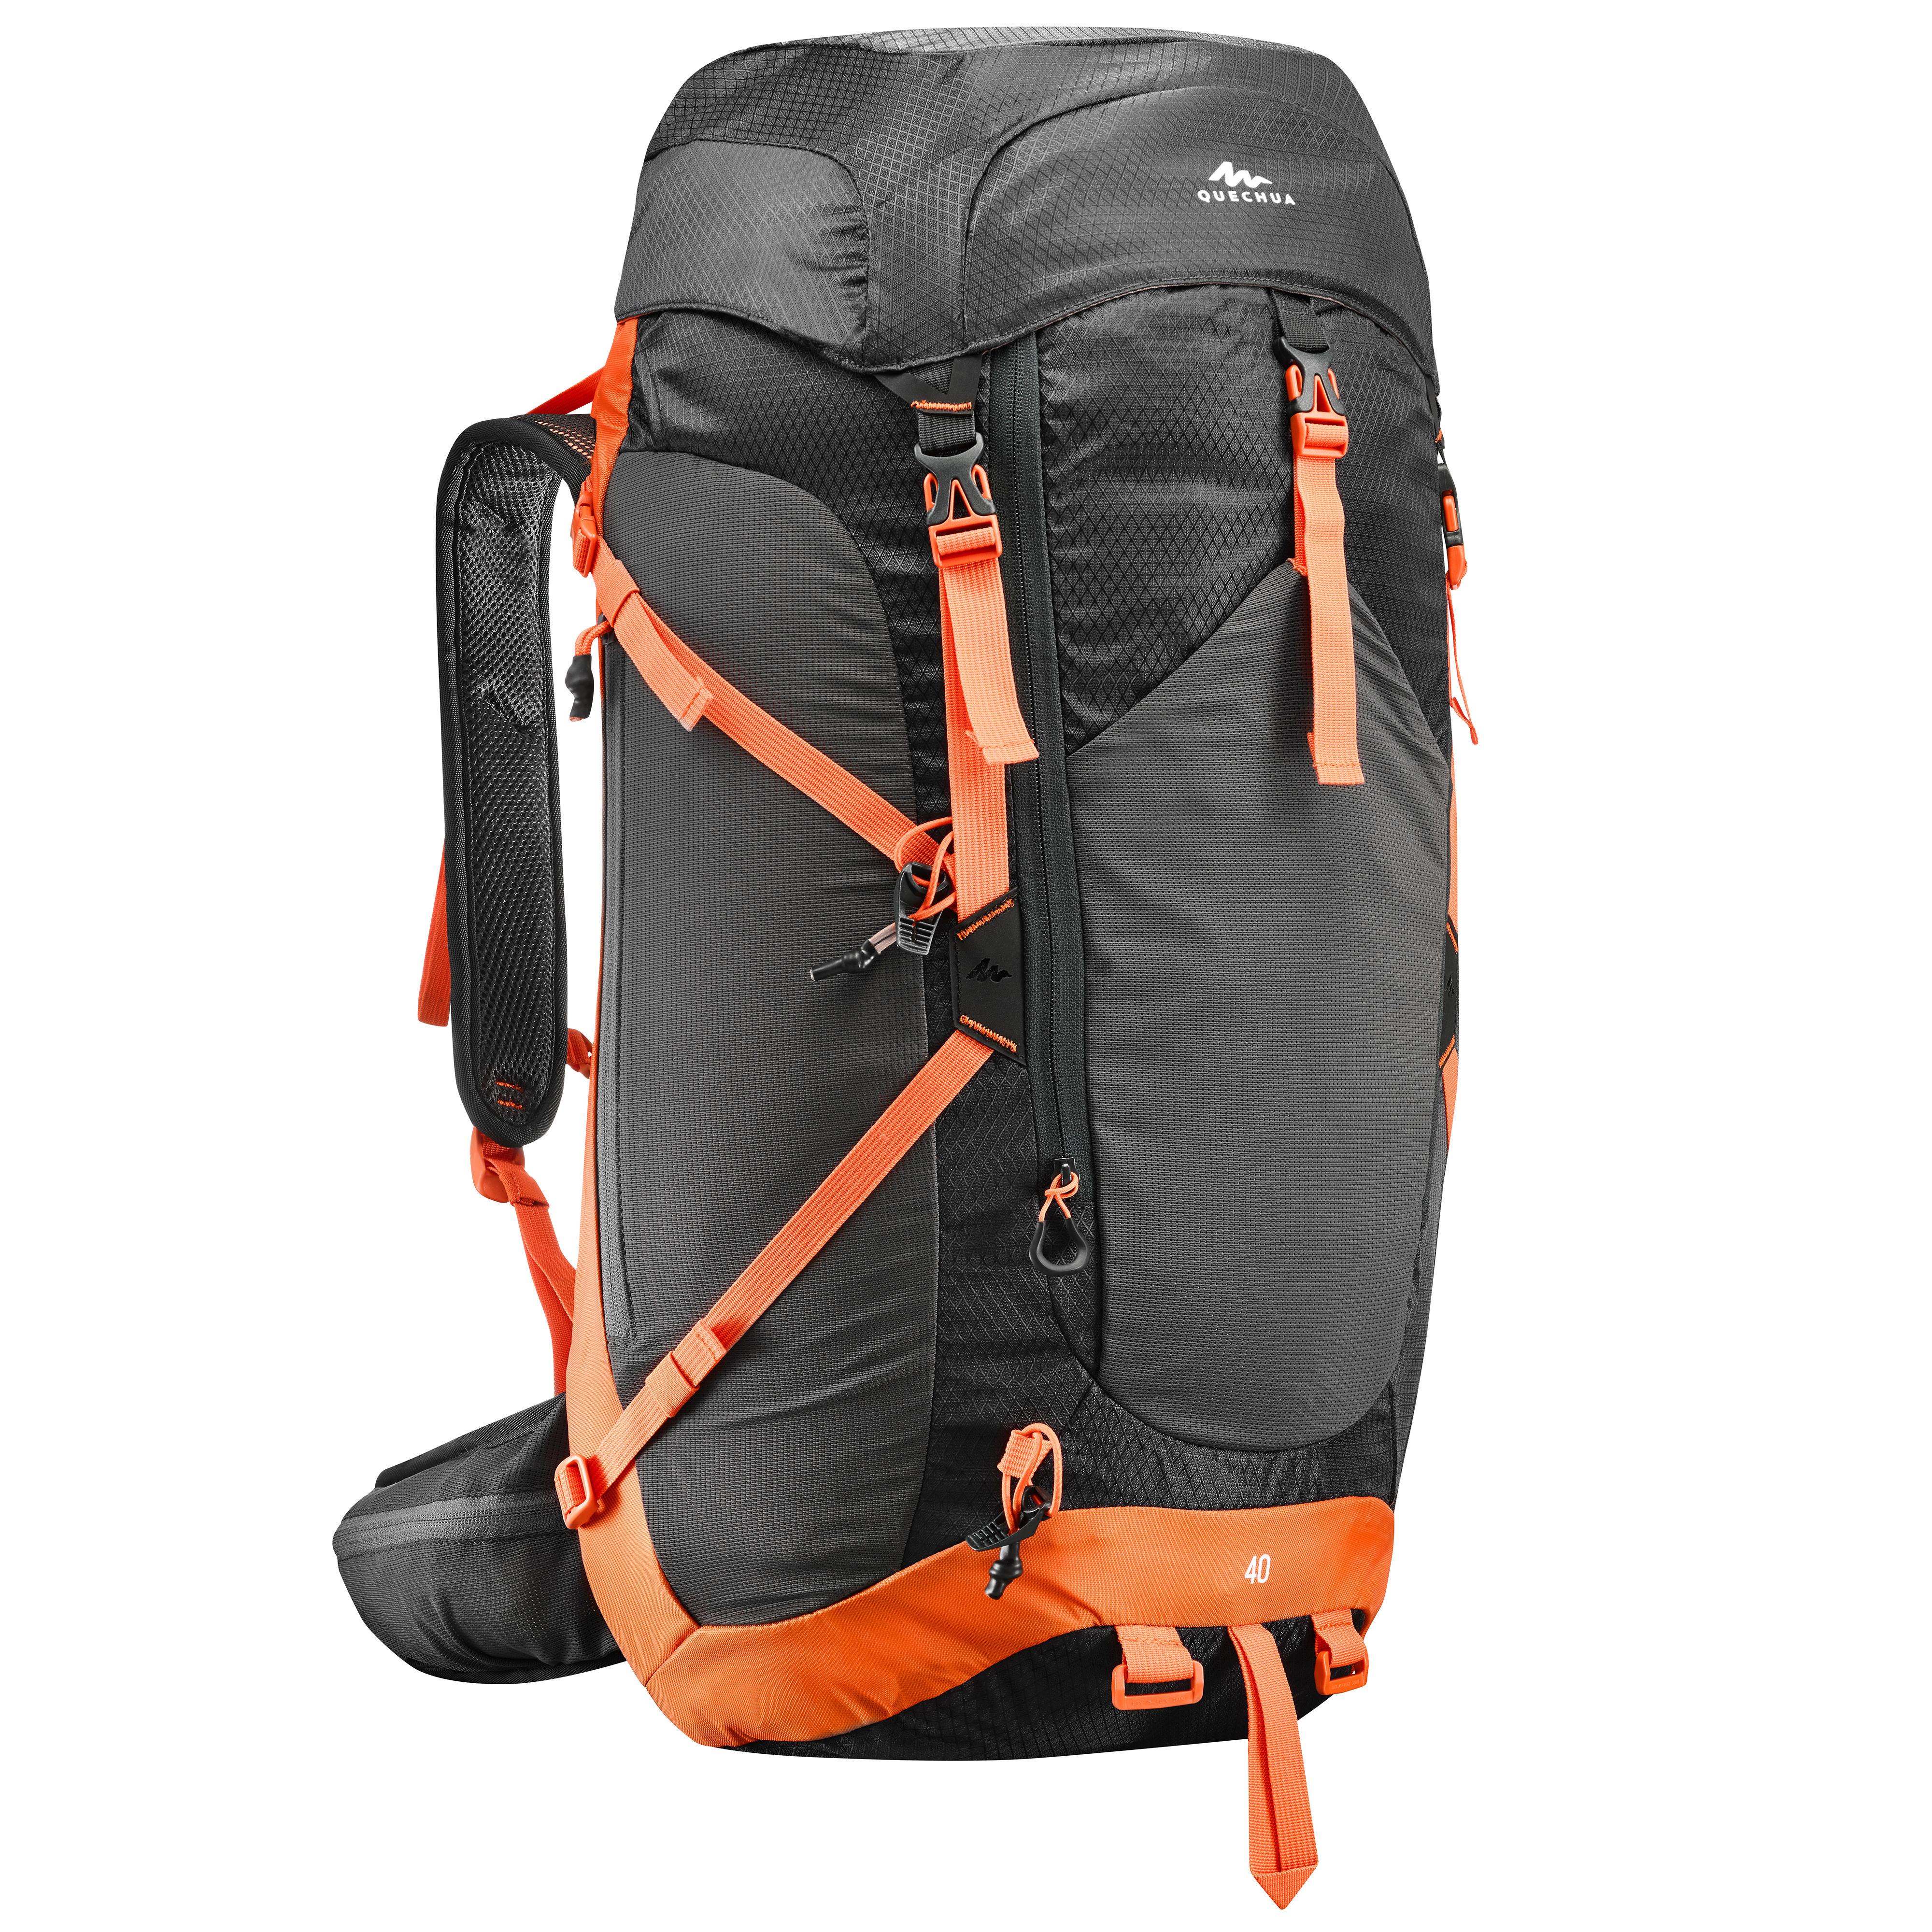 Outdoor Sac à dos Sac à dos avec poches latérales Voyage choisissez votre couleur